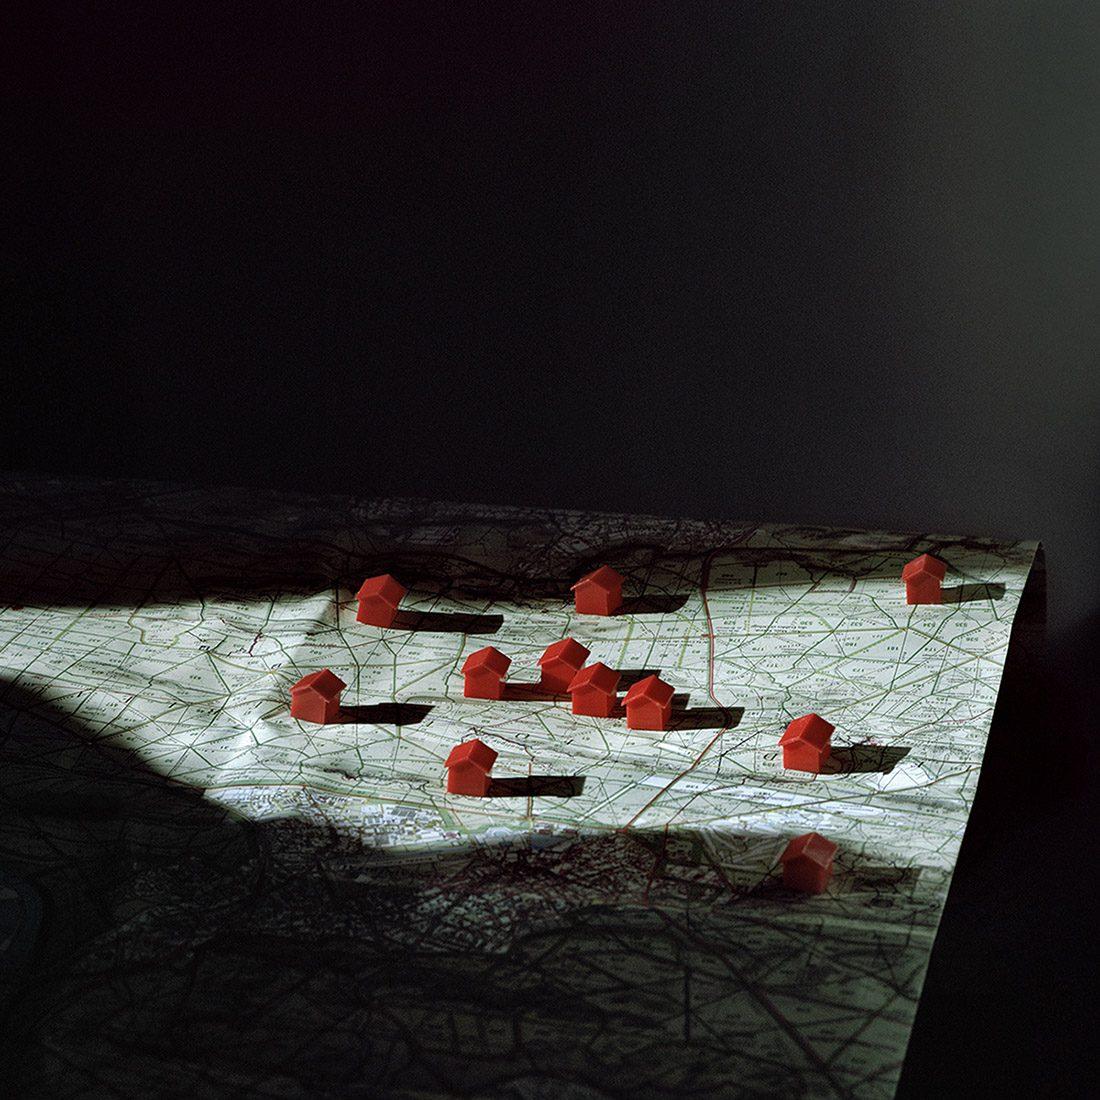 """""""Cette photo est très importante pour moi car c'est le début de la série. Ça a été le moment où je me suis dit qu'il fallait que je me concentre sur la forêt. C'est donc une carte de la forêt de Fontainebleau. Les petites maisons de Monopoly évoquent le jeu - ce que je représente aussi ce travail. Le jeu me ramène à l'enfance."""" Extrait de """"Nesting in the Wolf Tree"""", © Alexandra Serrano"""